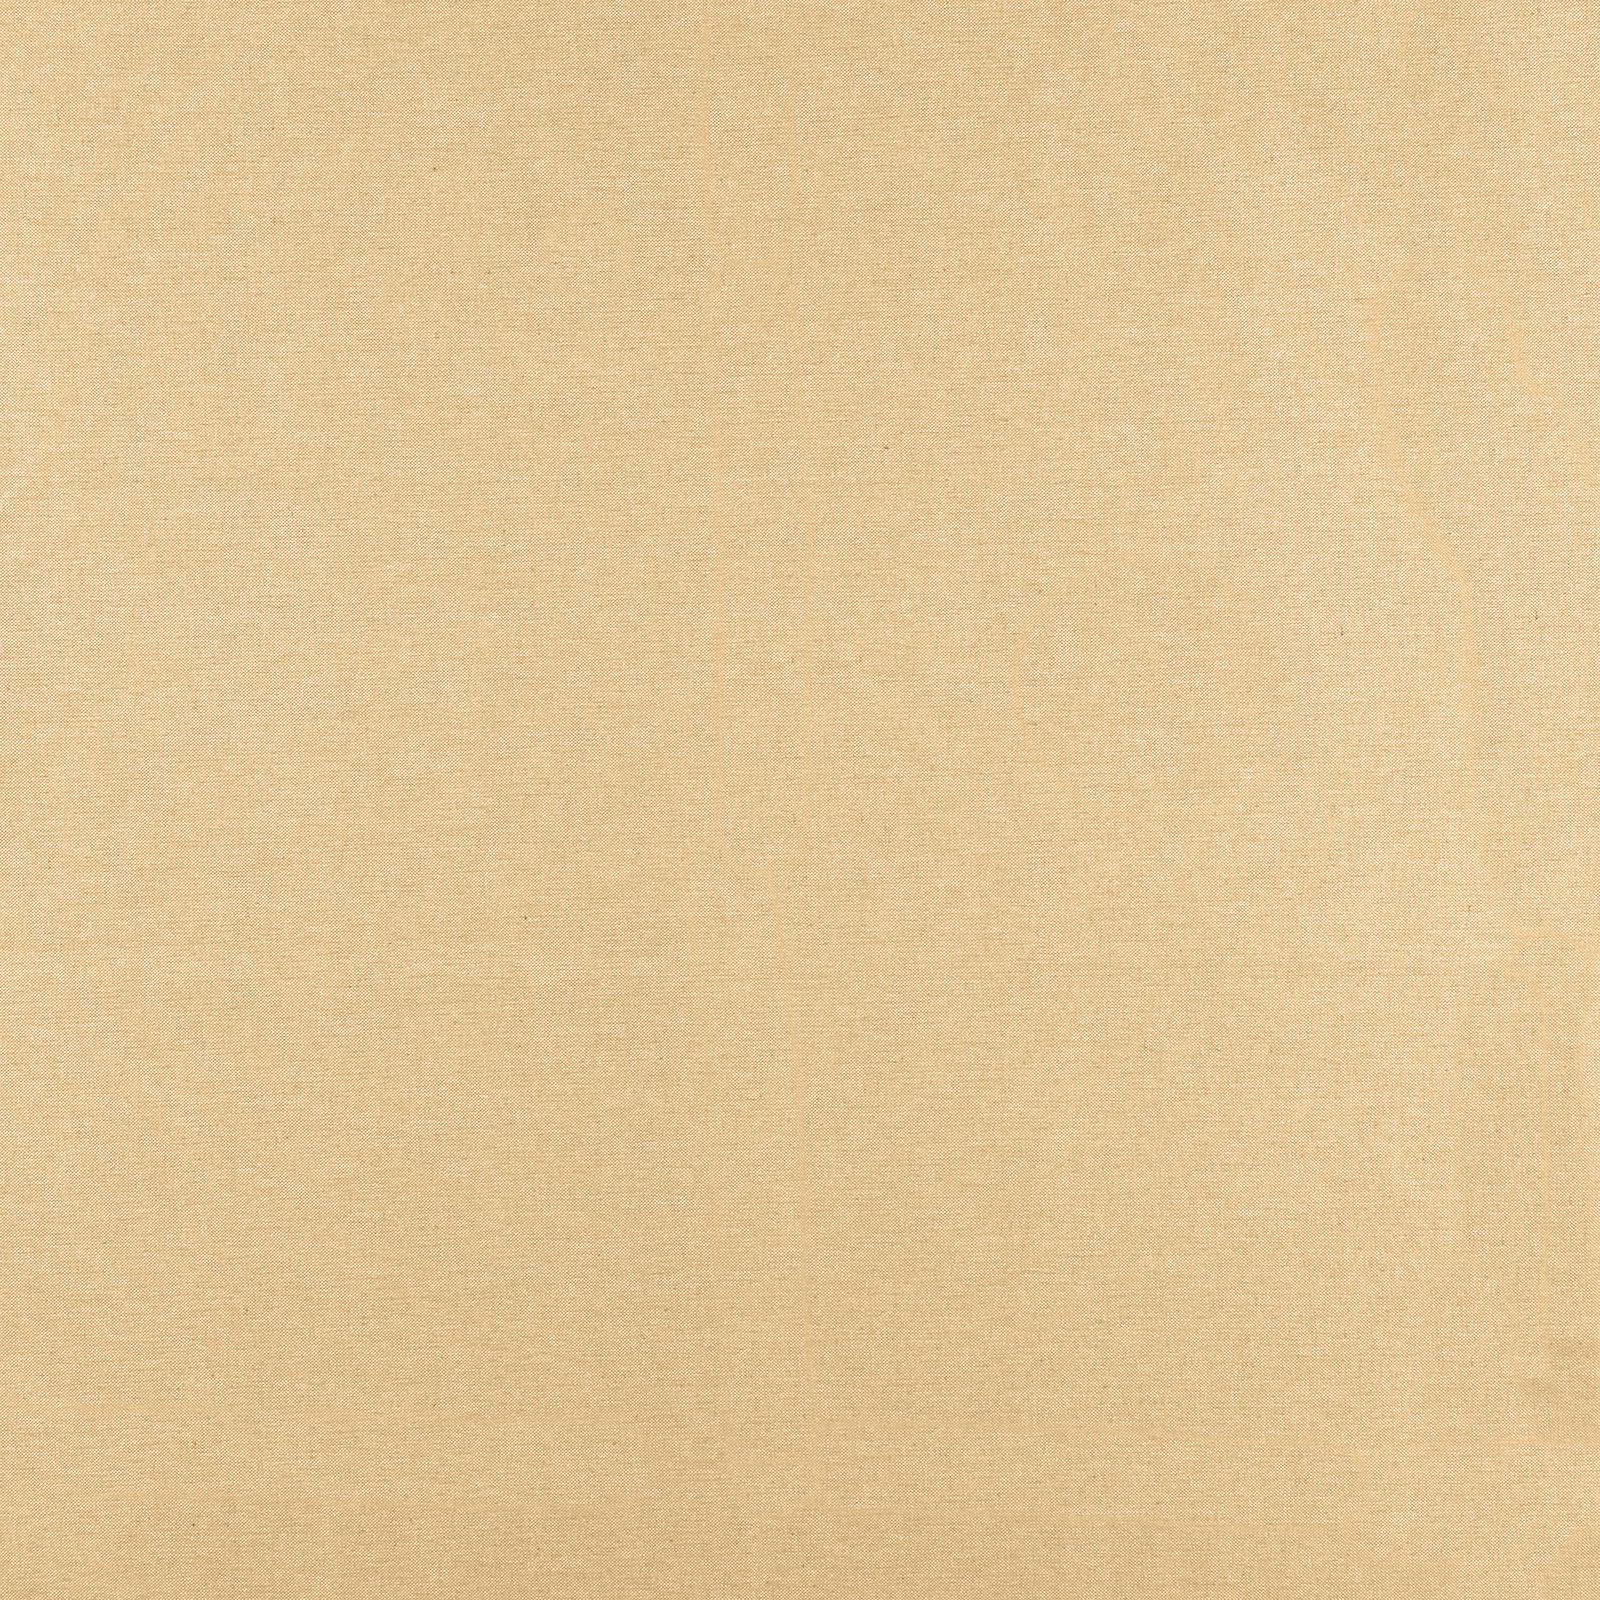 Textilwachstuch Leinenlook Karamell 872304_pack_solid